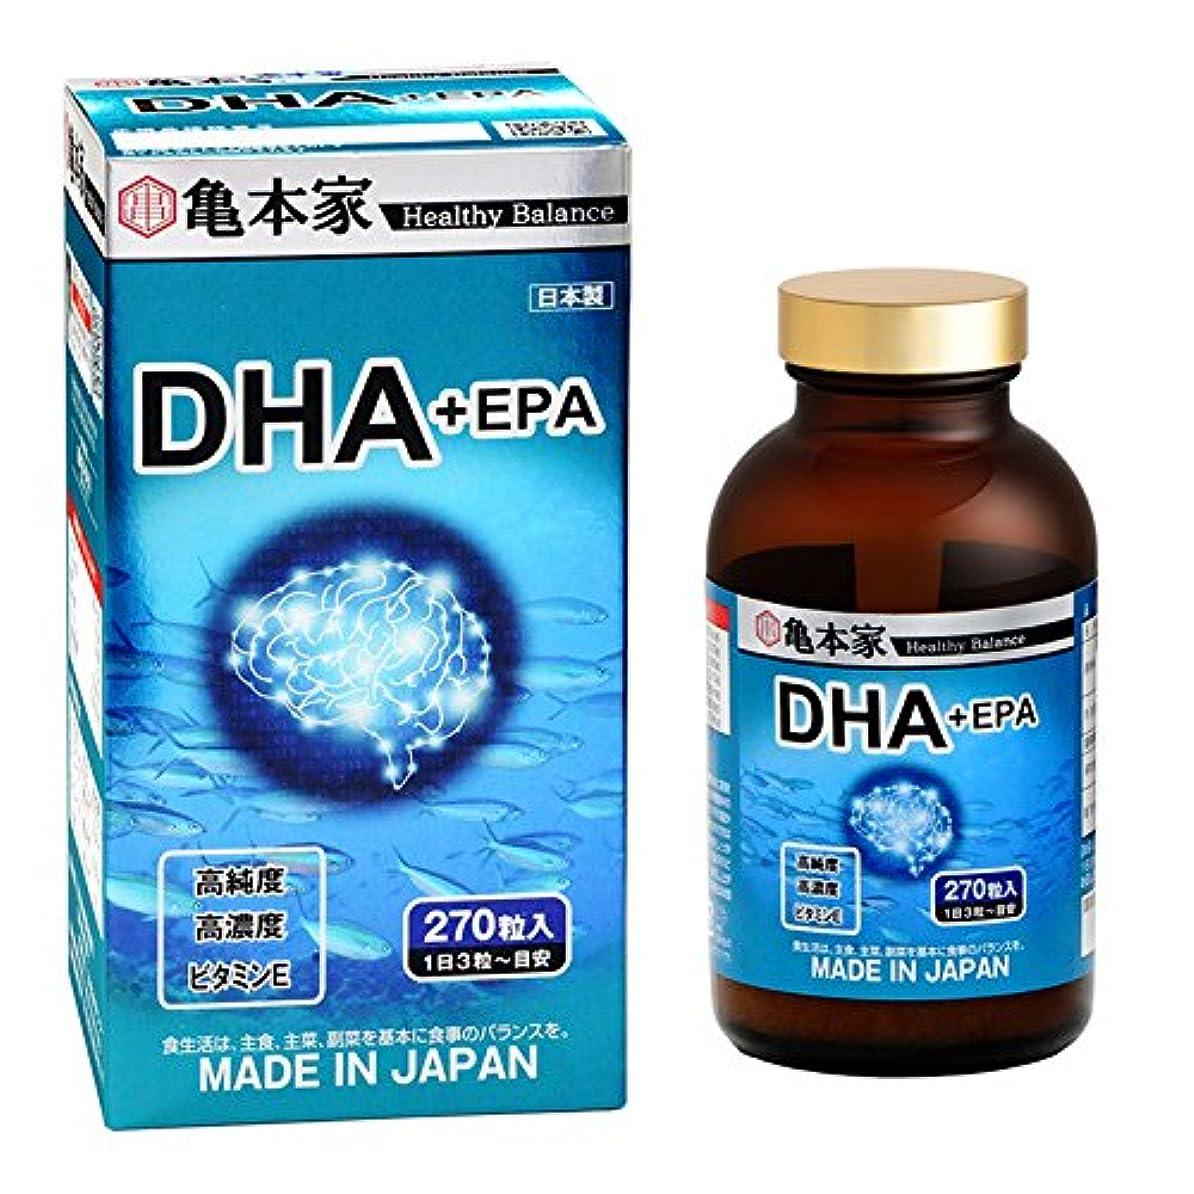 寝る枝ミニチュア亀本家 DHA+EPA -SH762285